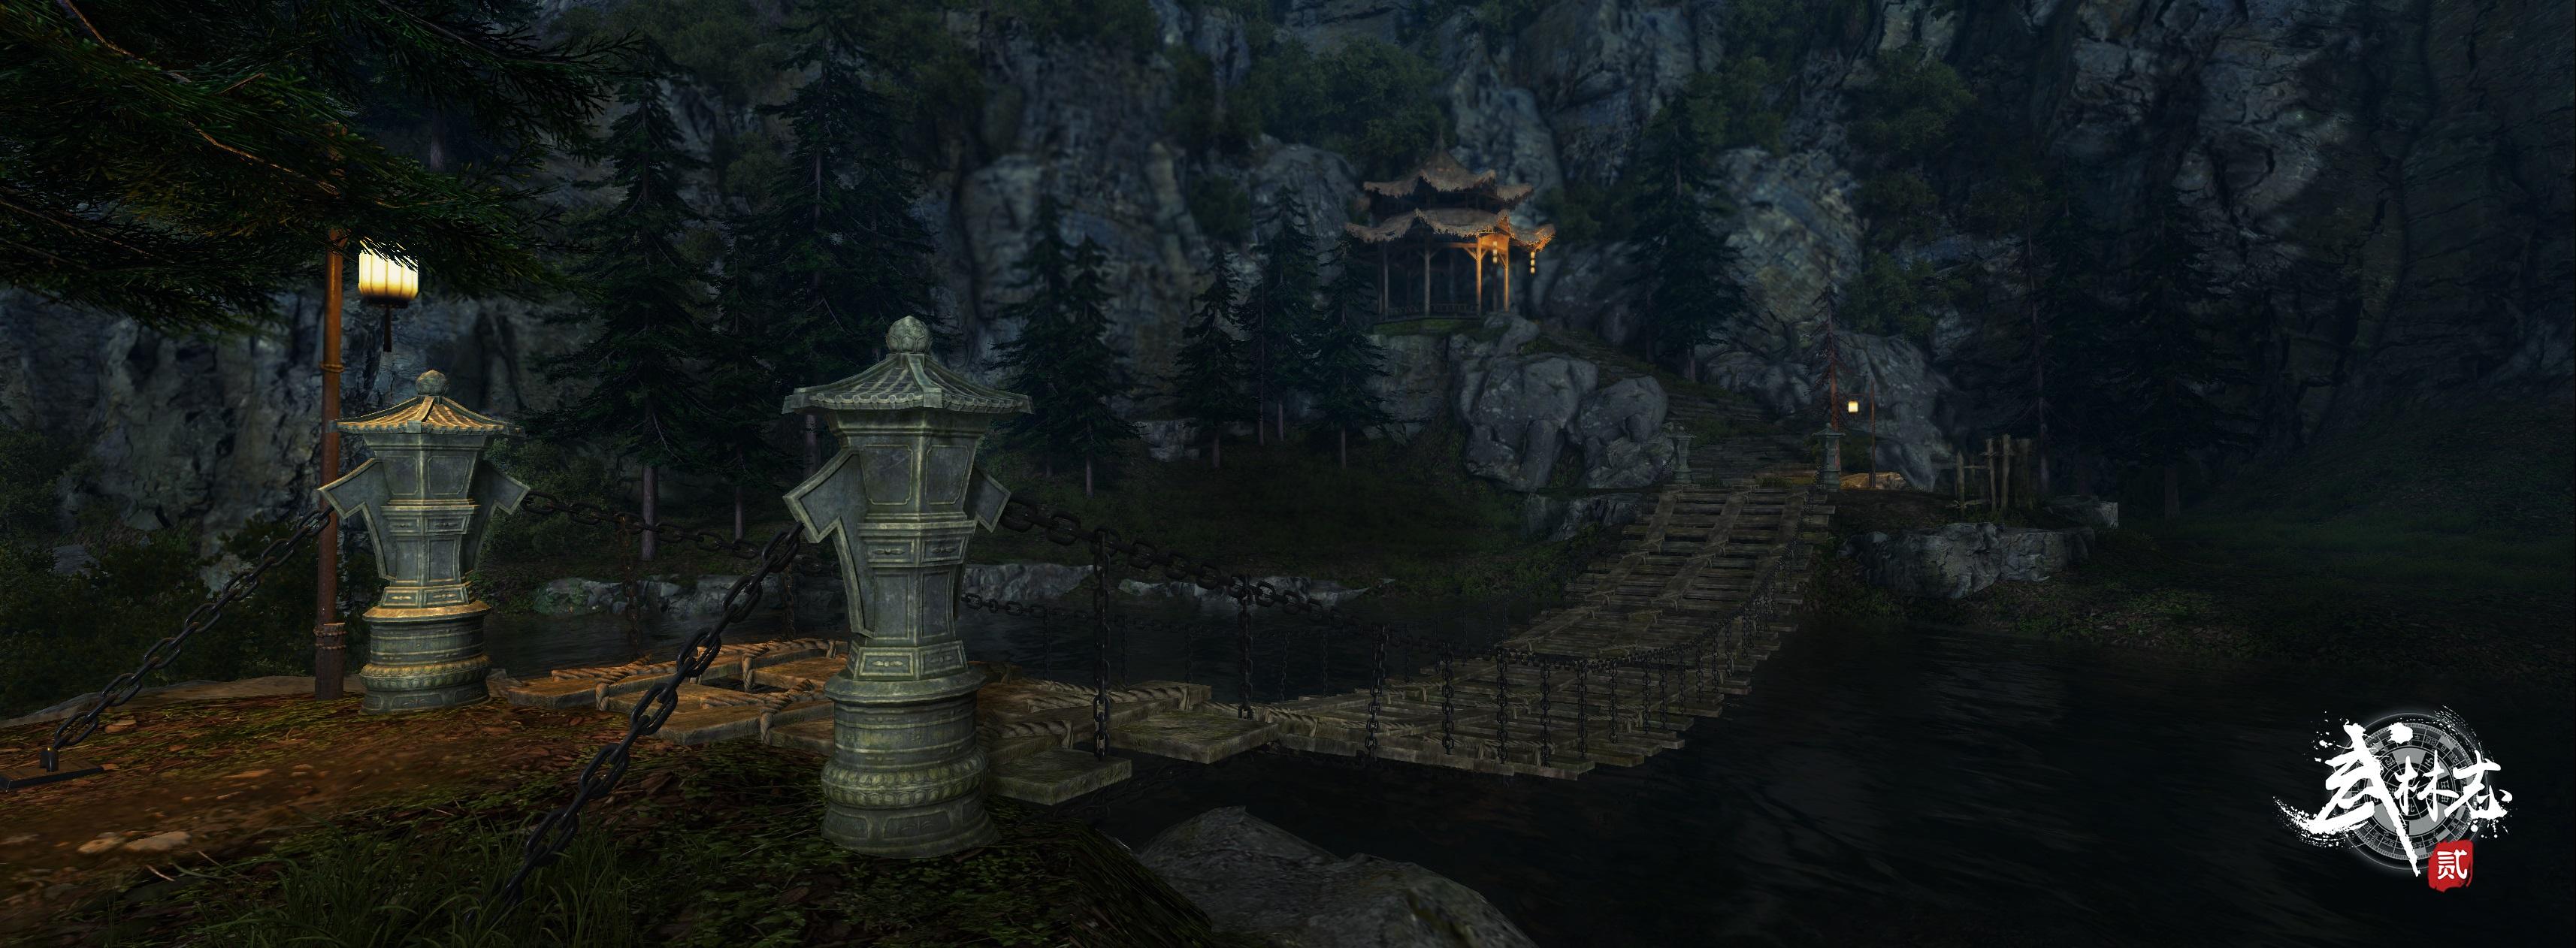 独立武侠游戏《武林志2》江湖势力背景曝光,动作连击实机演示